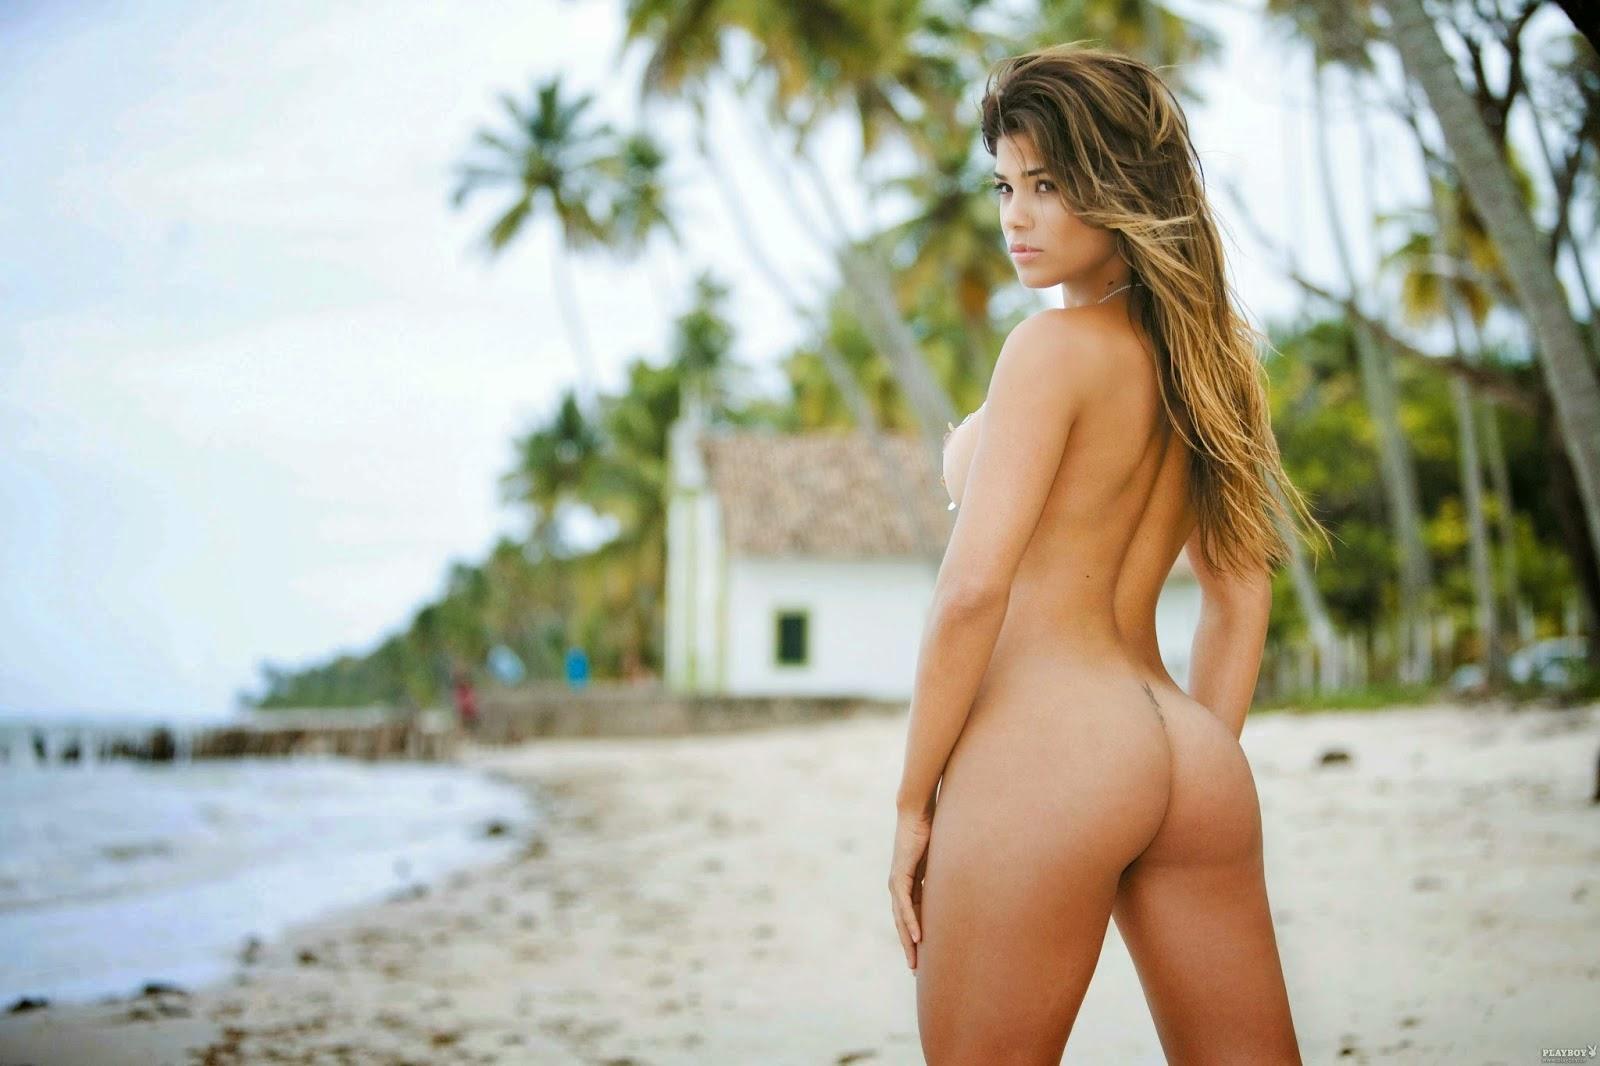 Beautiful naked brazilian women photos